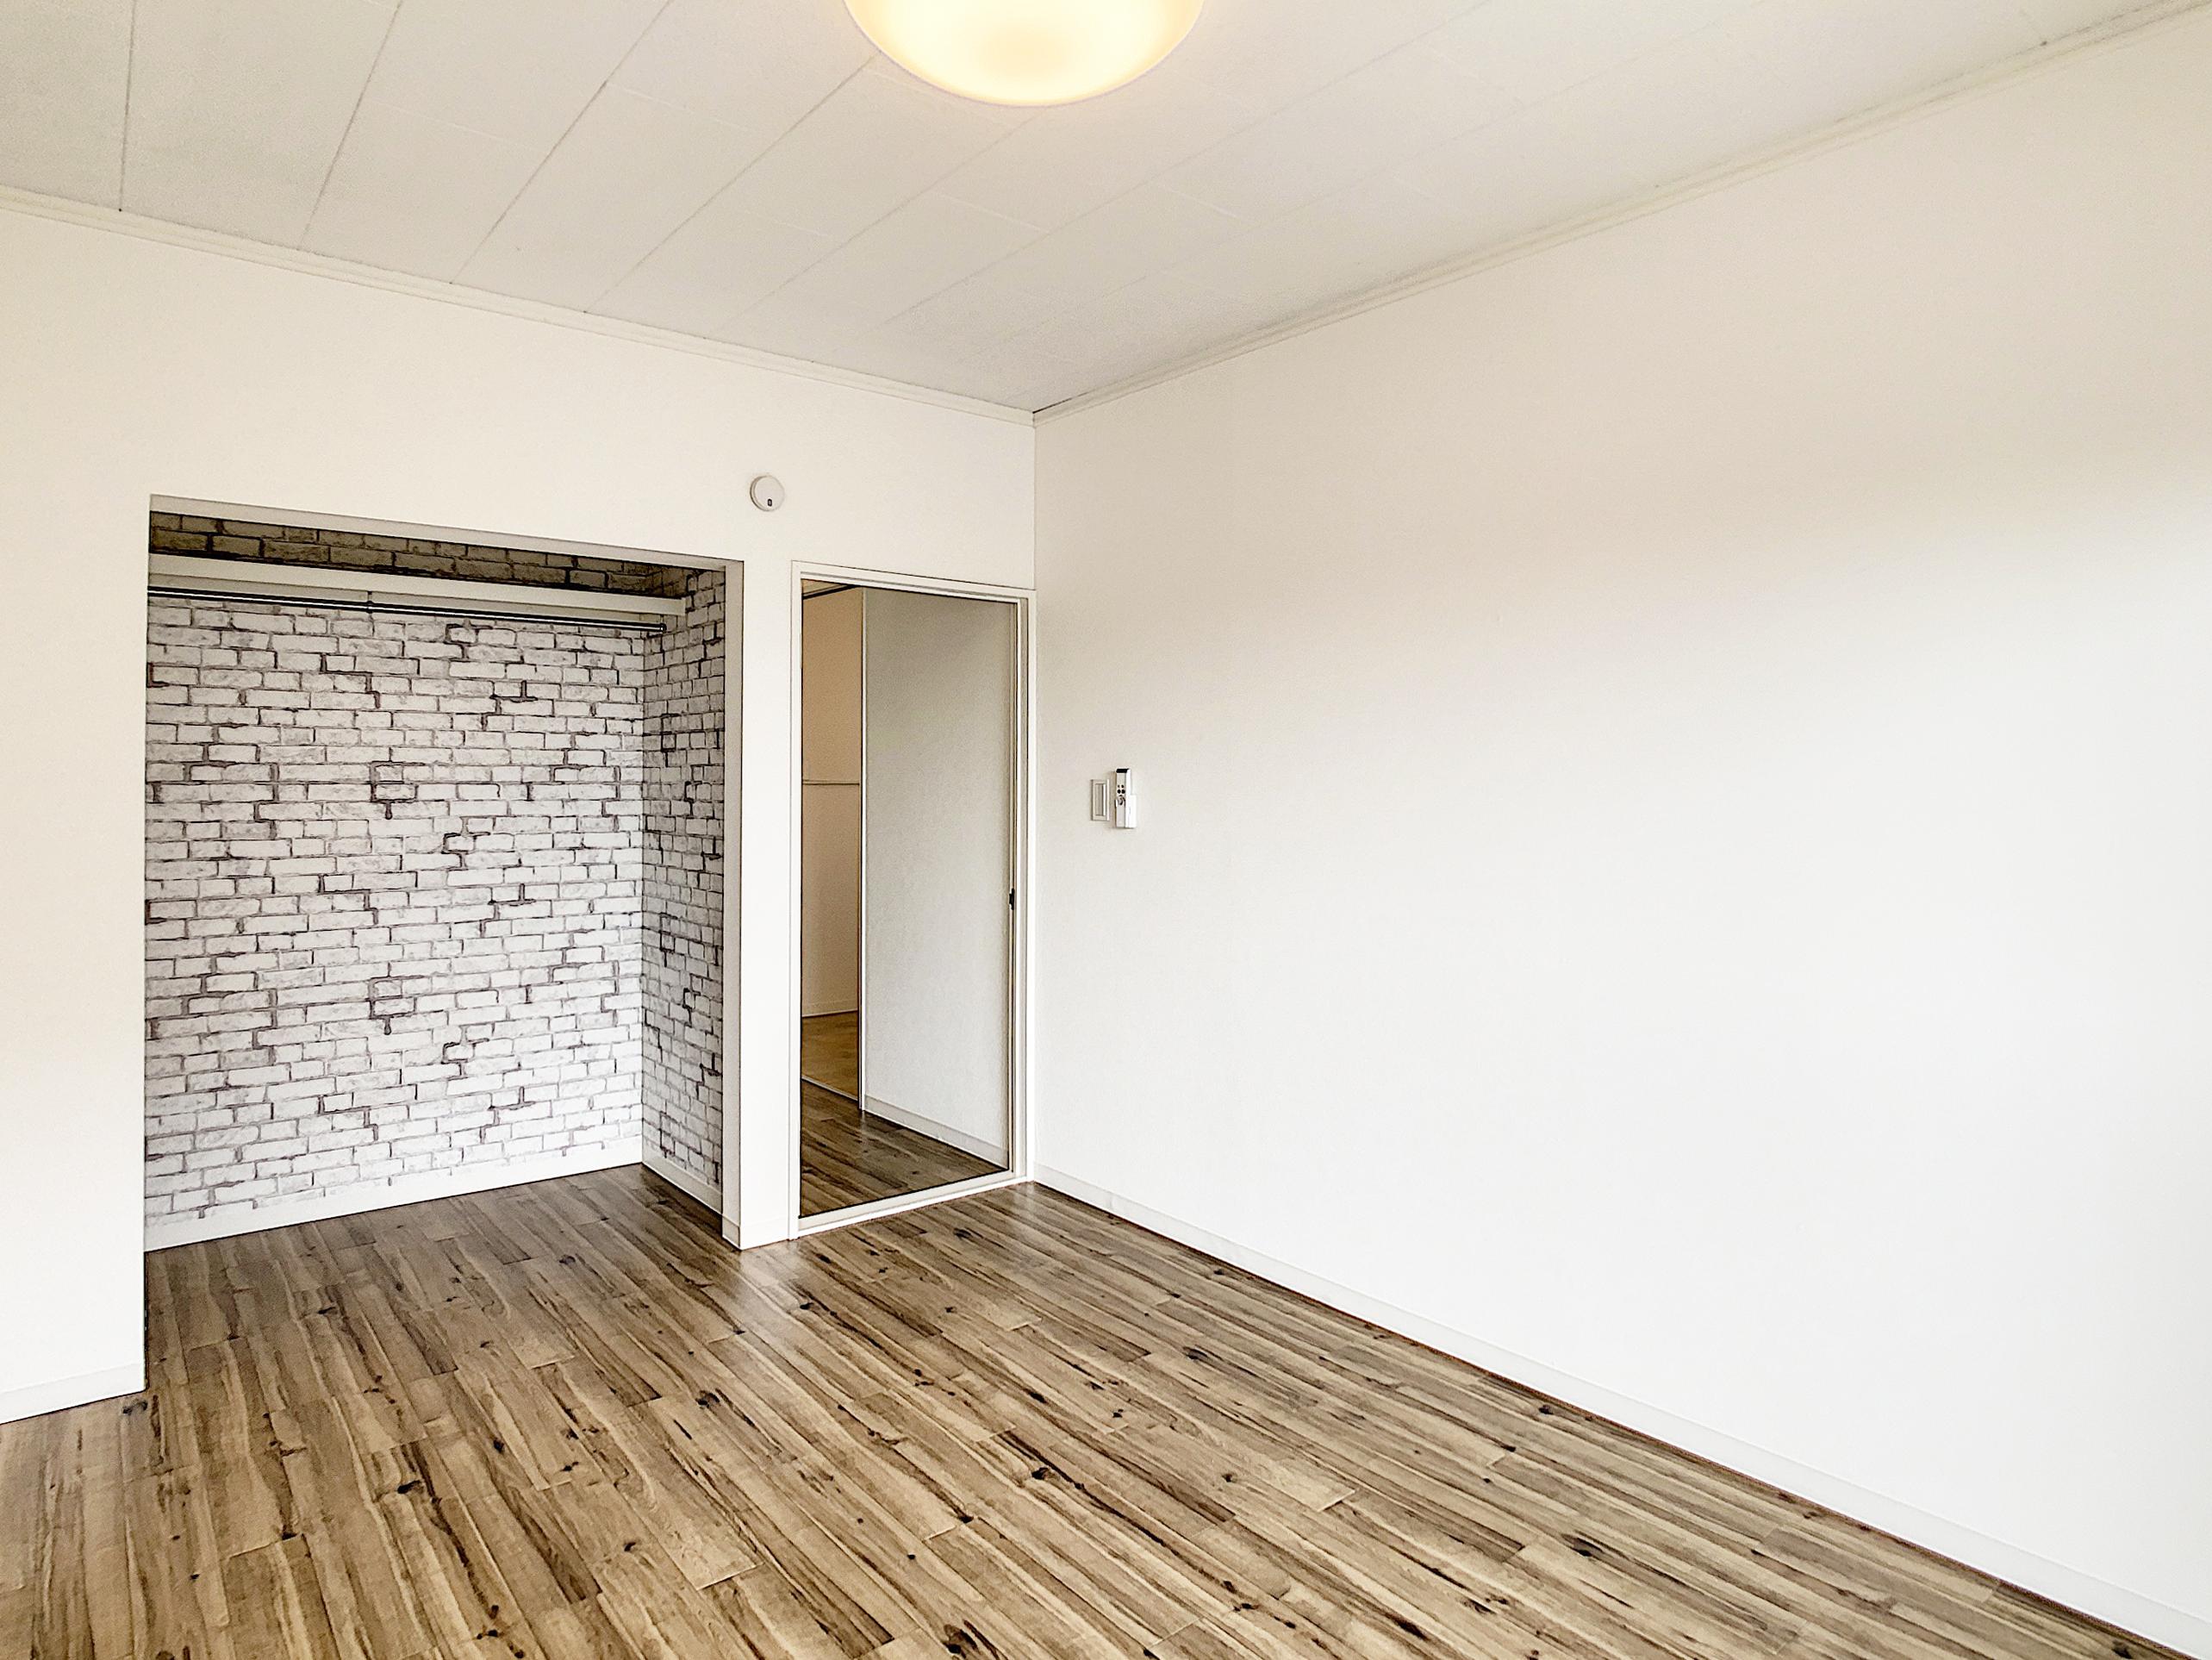 真っ白なお部屋にレンガ調のクロスのオープンクローゼットがアクセントに。